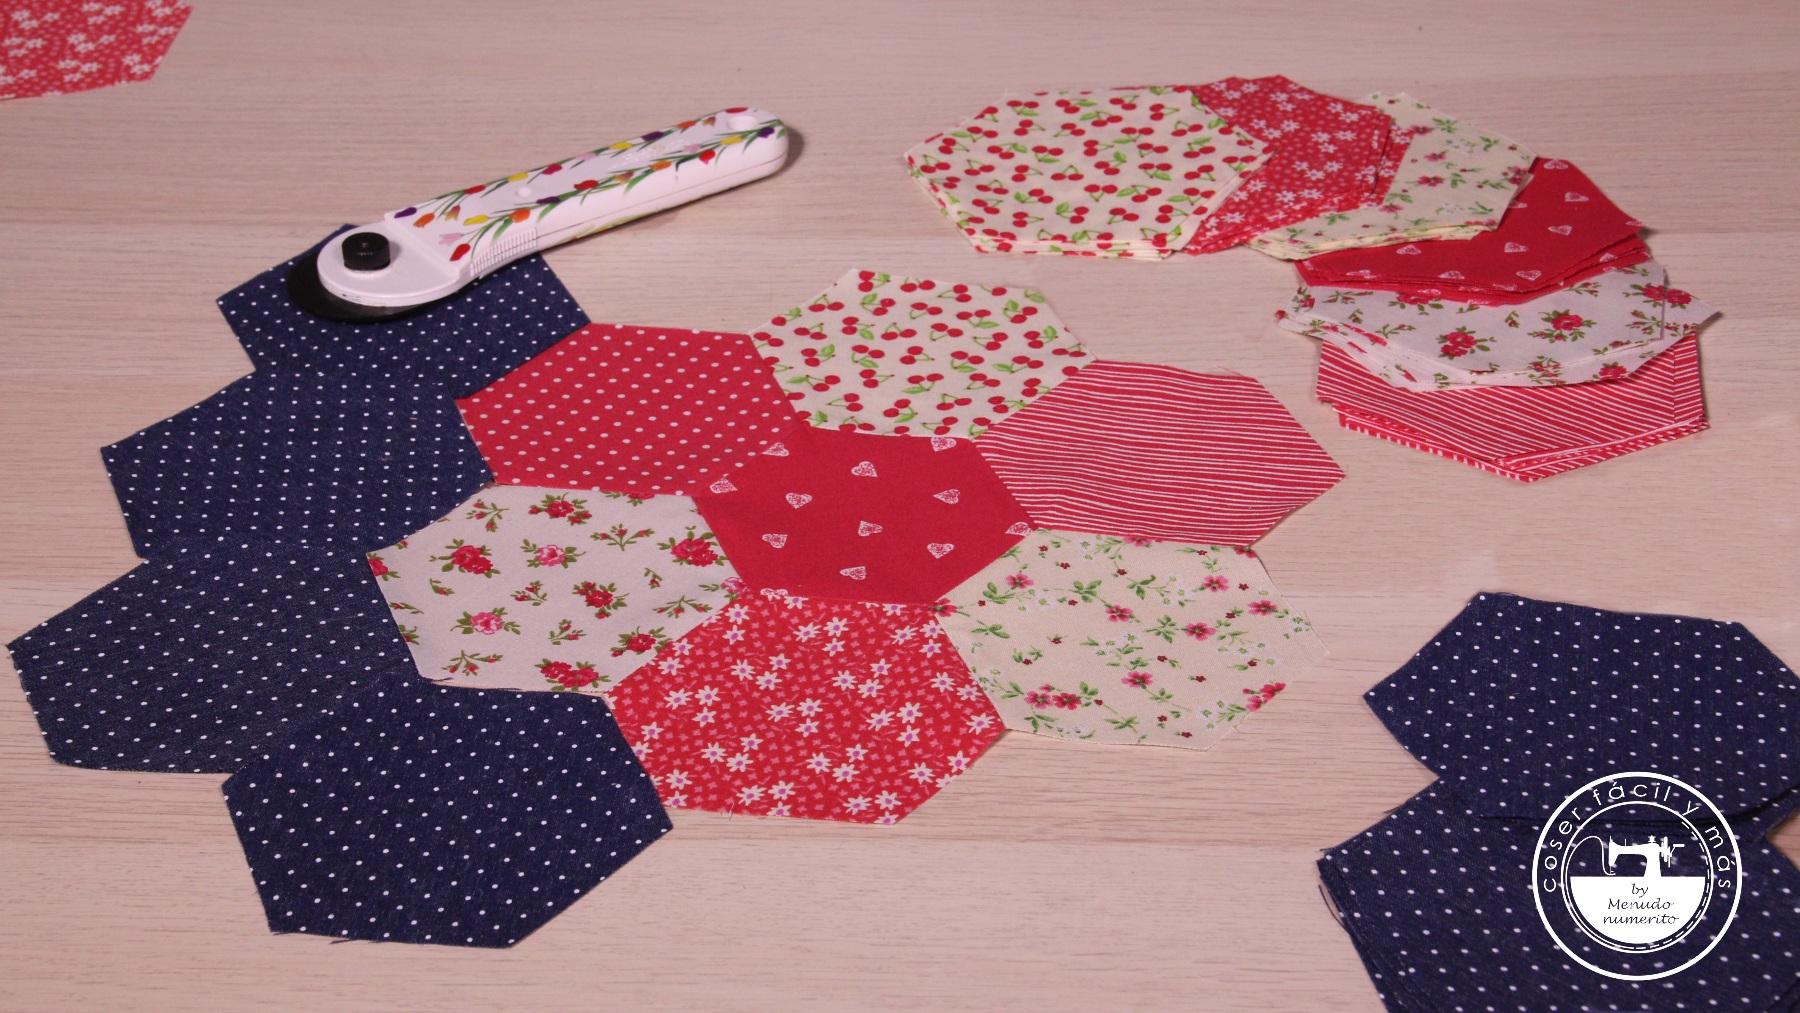 patchwork coser facil menudo numerito abuela blogs de costura